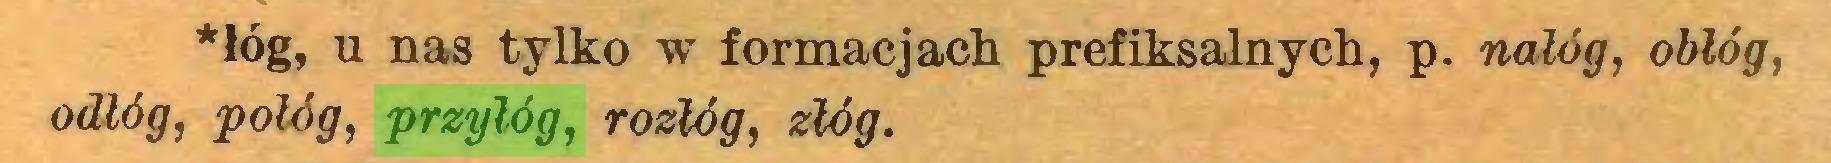 (...) *łóg, u nas tylko w formacjach prefiksalnych, p. nałóg, oblóg, odłóg, połóg, przyłóg, rozłóg, złóg...